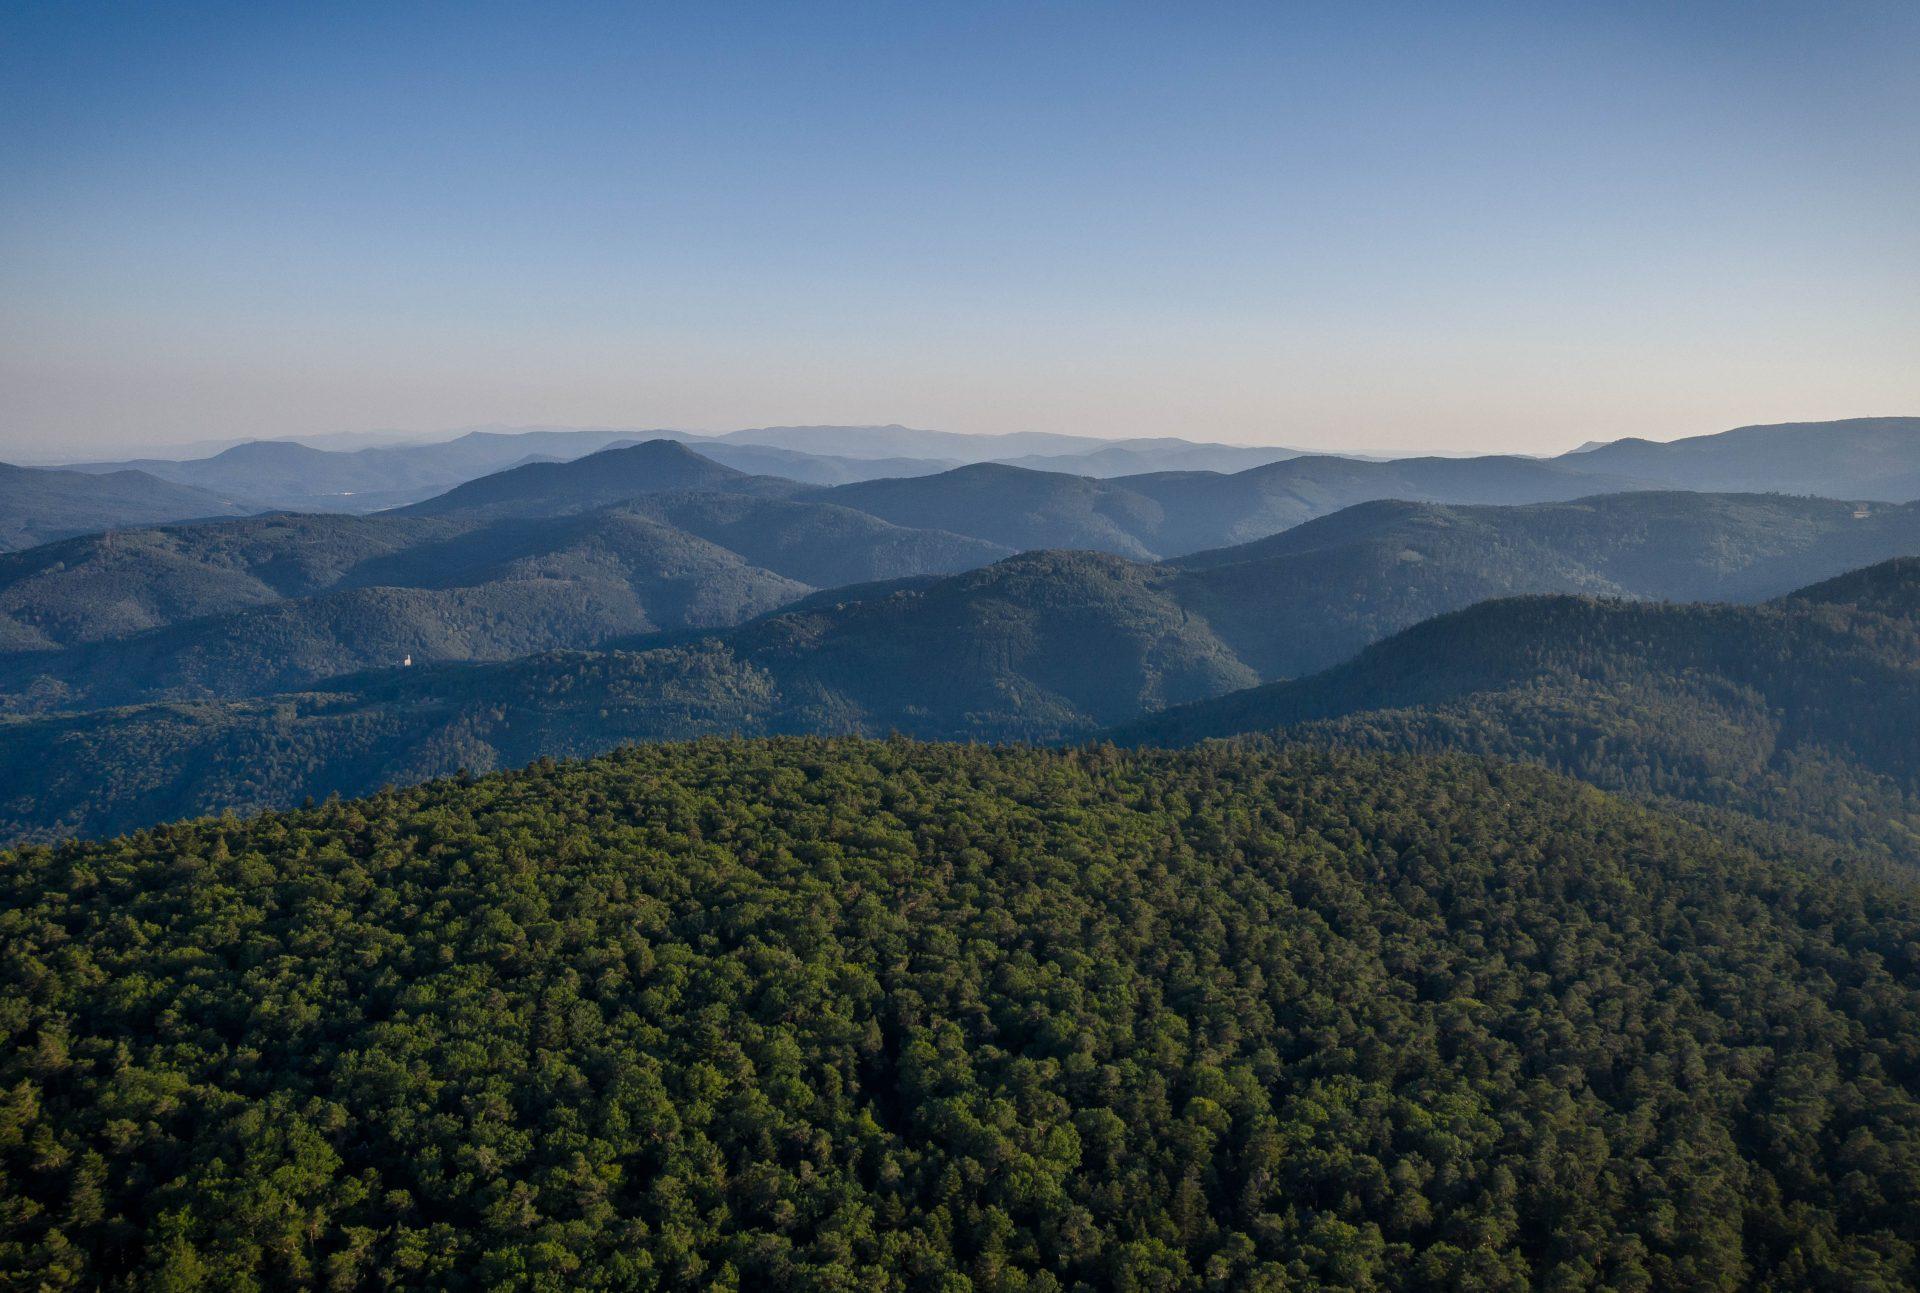 Vue aérienne depuis le Maennelstein sur le Massif des Vosges